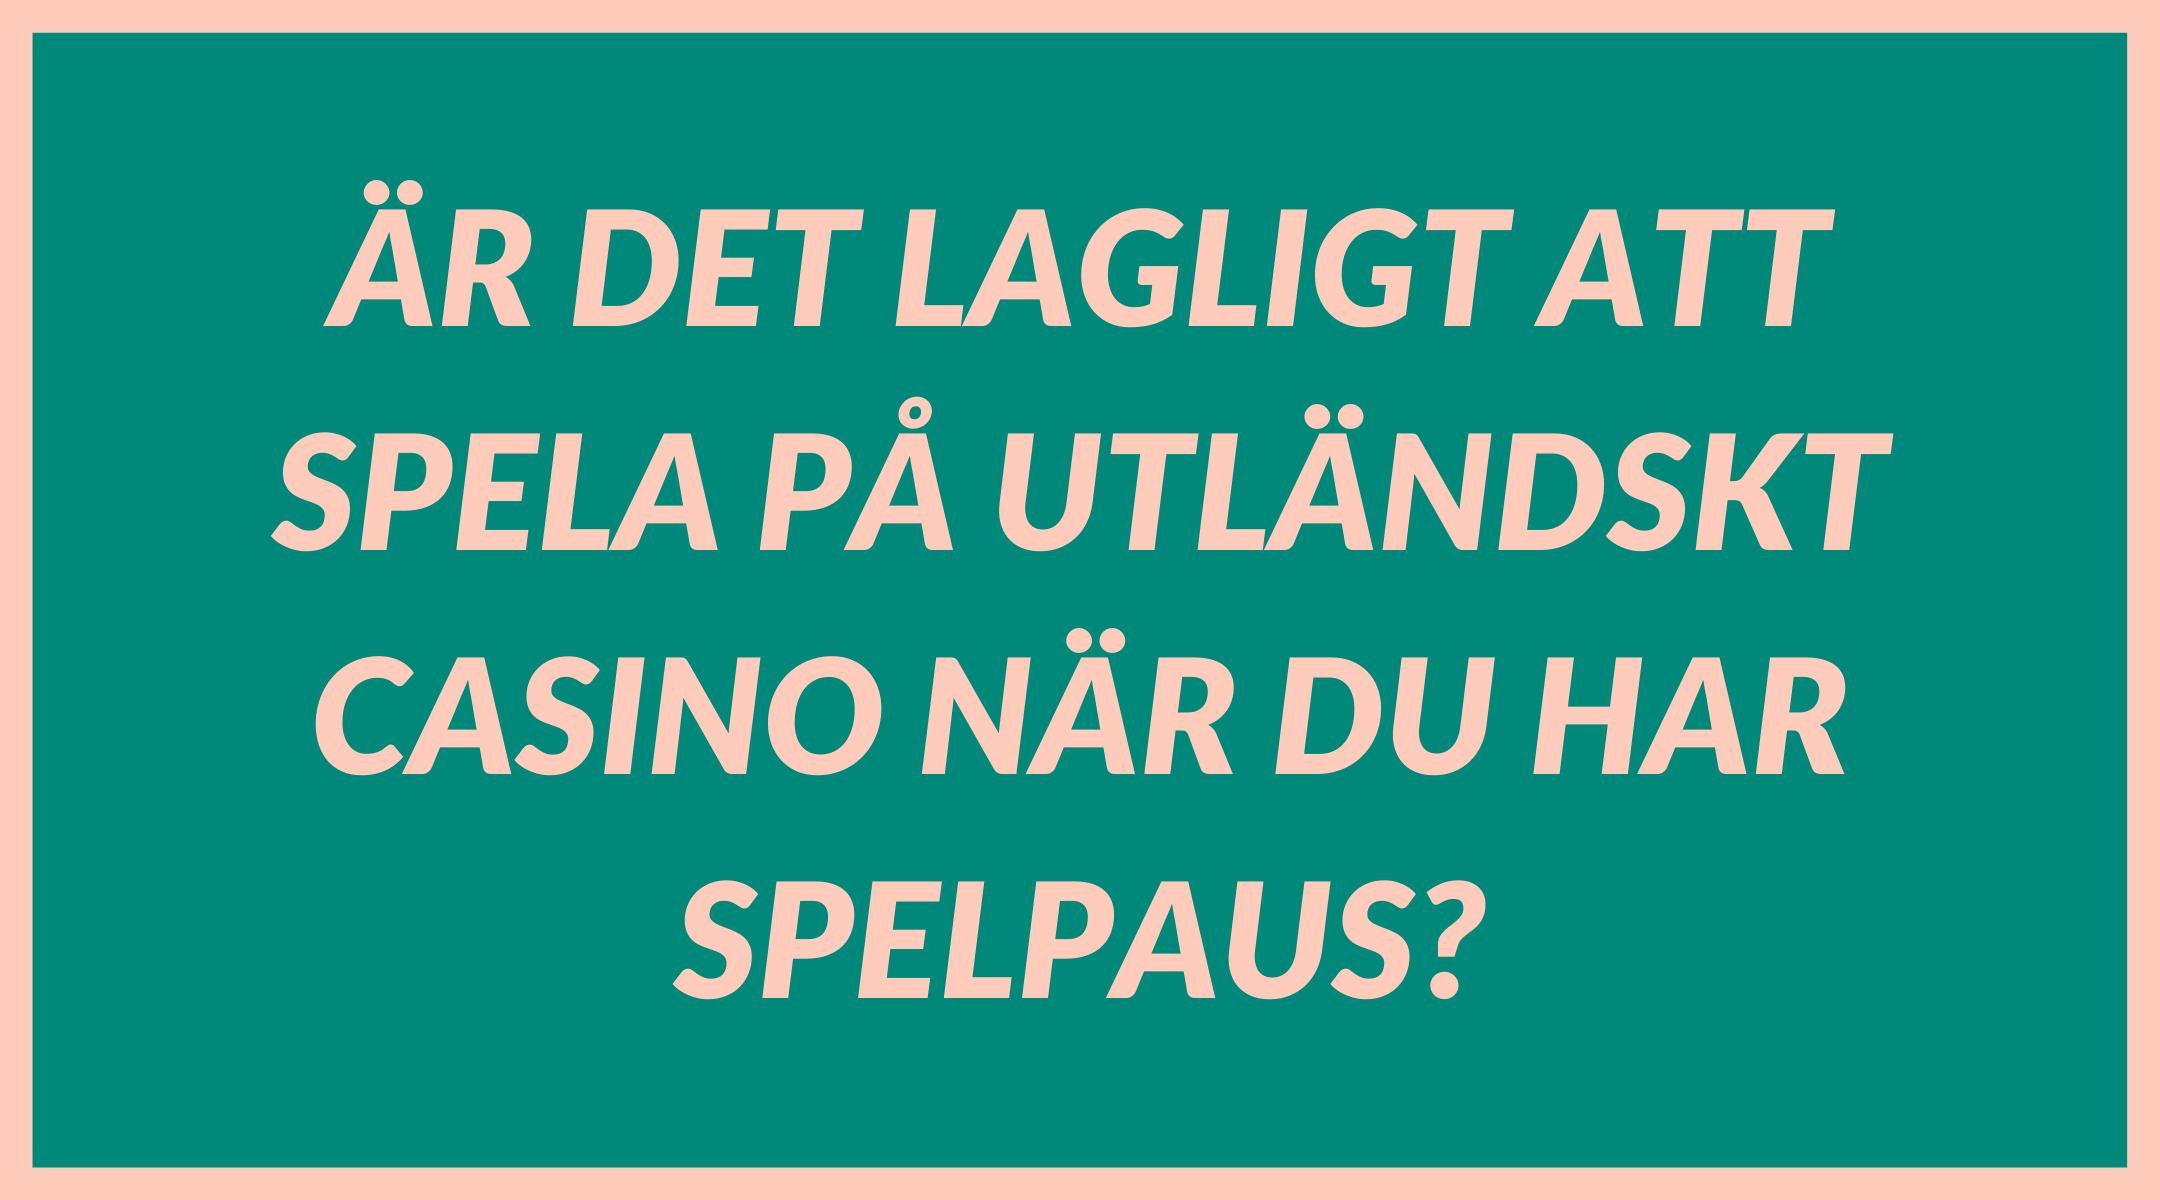 Är det lagligt att spela på utländskt casino när du har spelpaus?